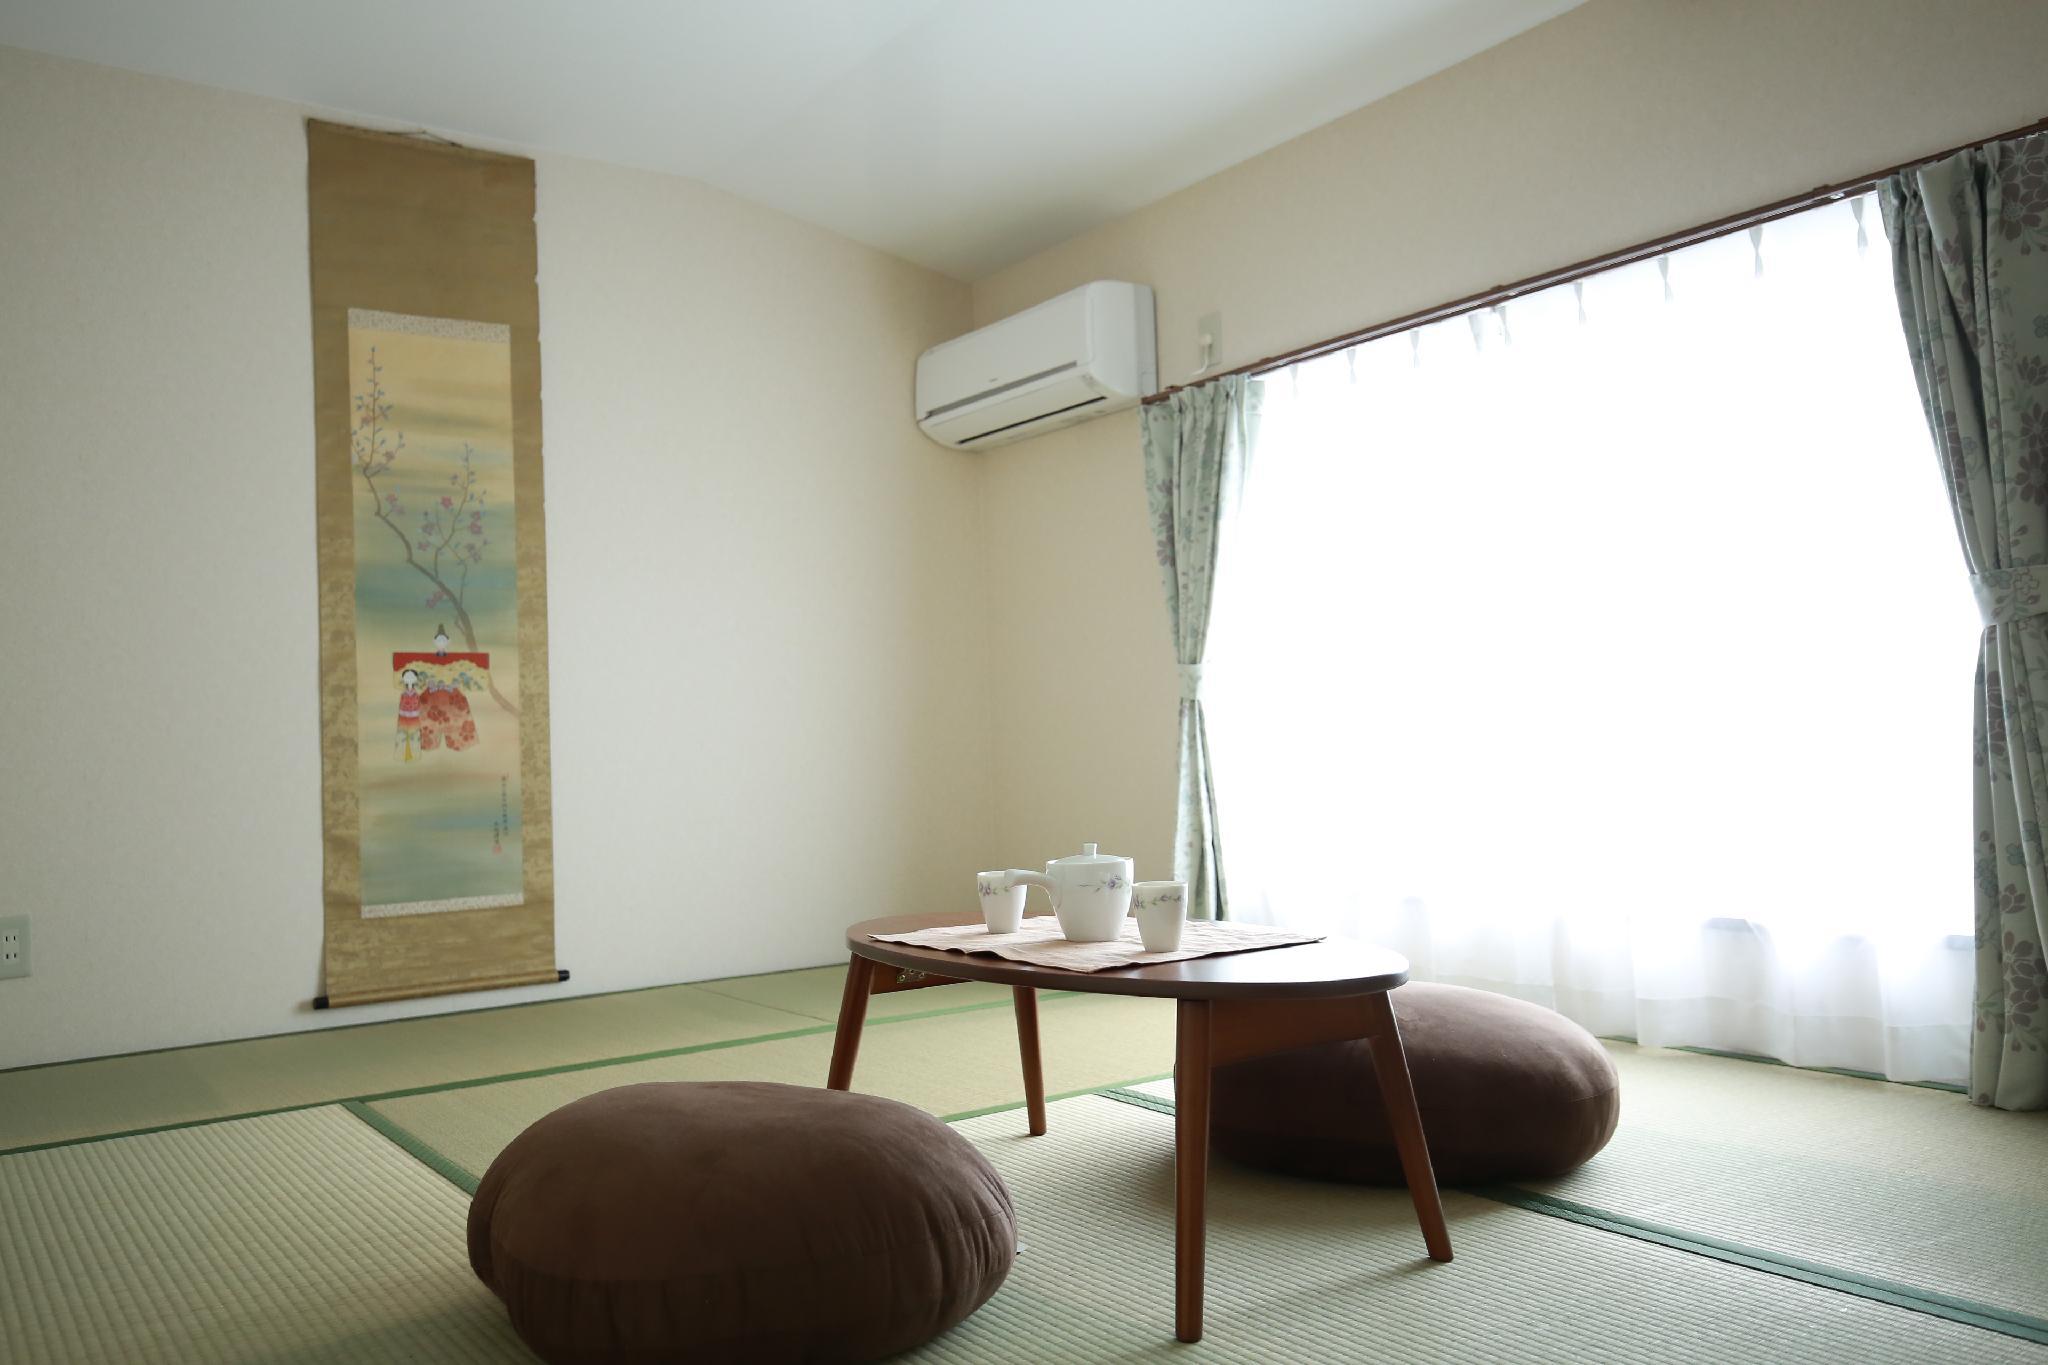 Hotels Near Kohata 3 Navitime Transit